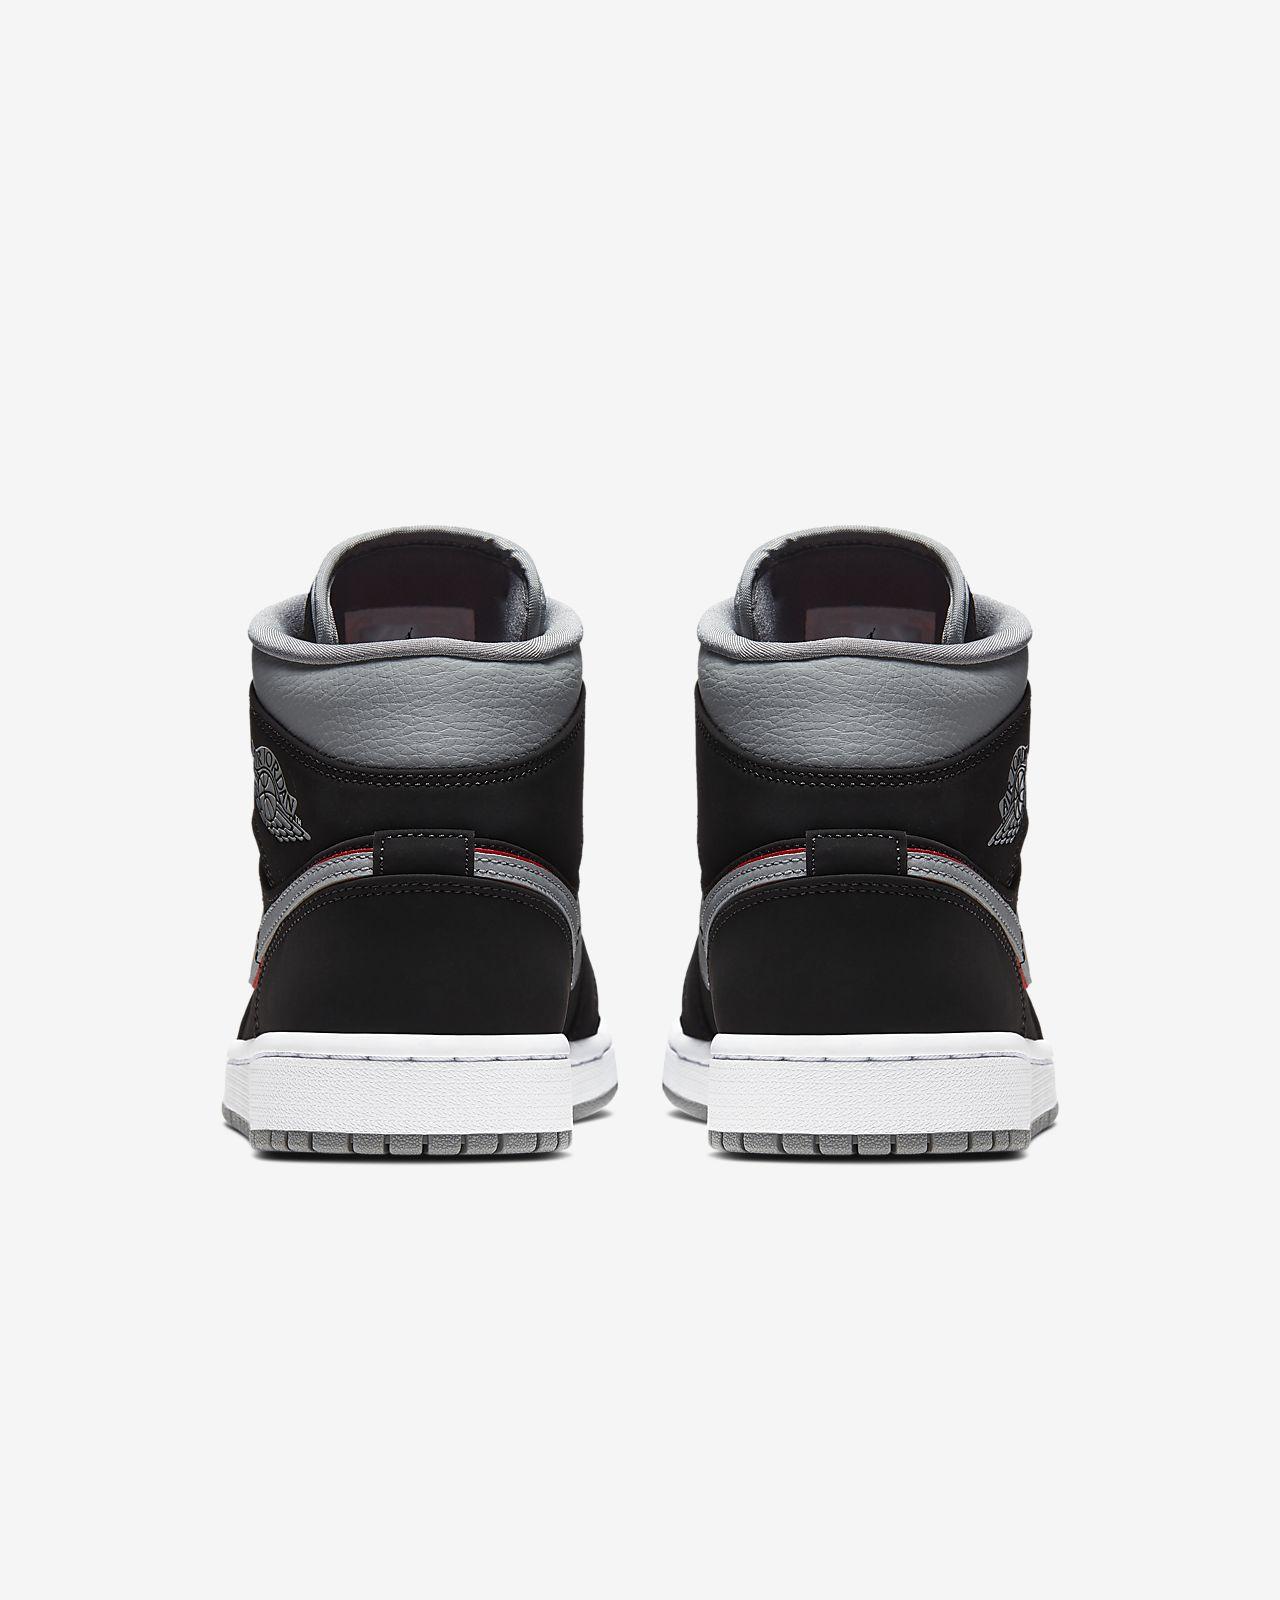 af7e563d9d5f5 Calzado para hombre Air Jordan 1 Mid. Nike.com MX